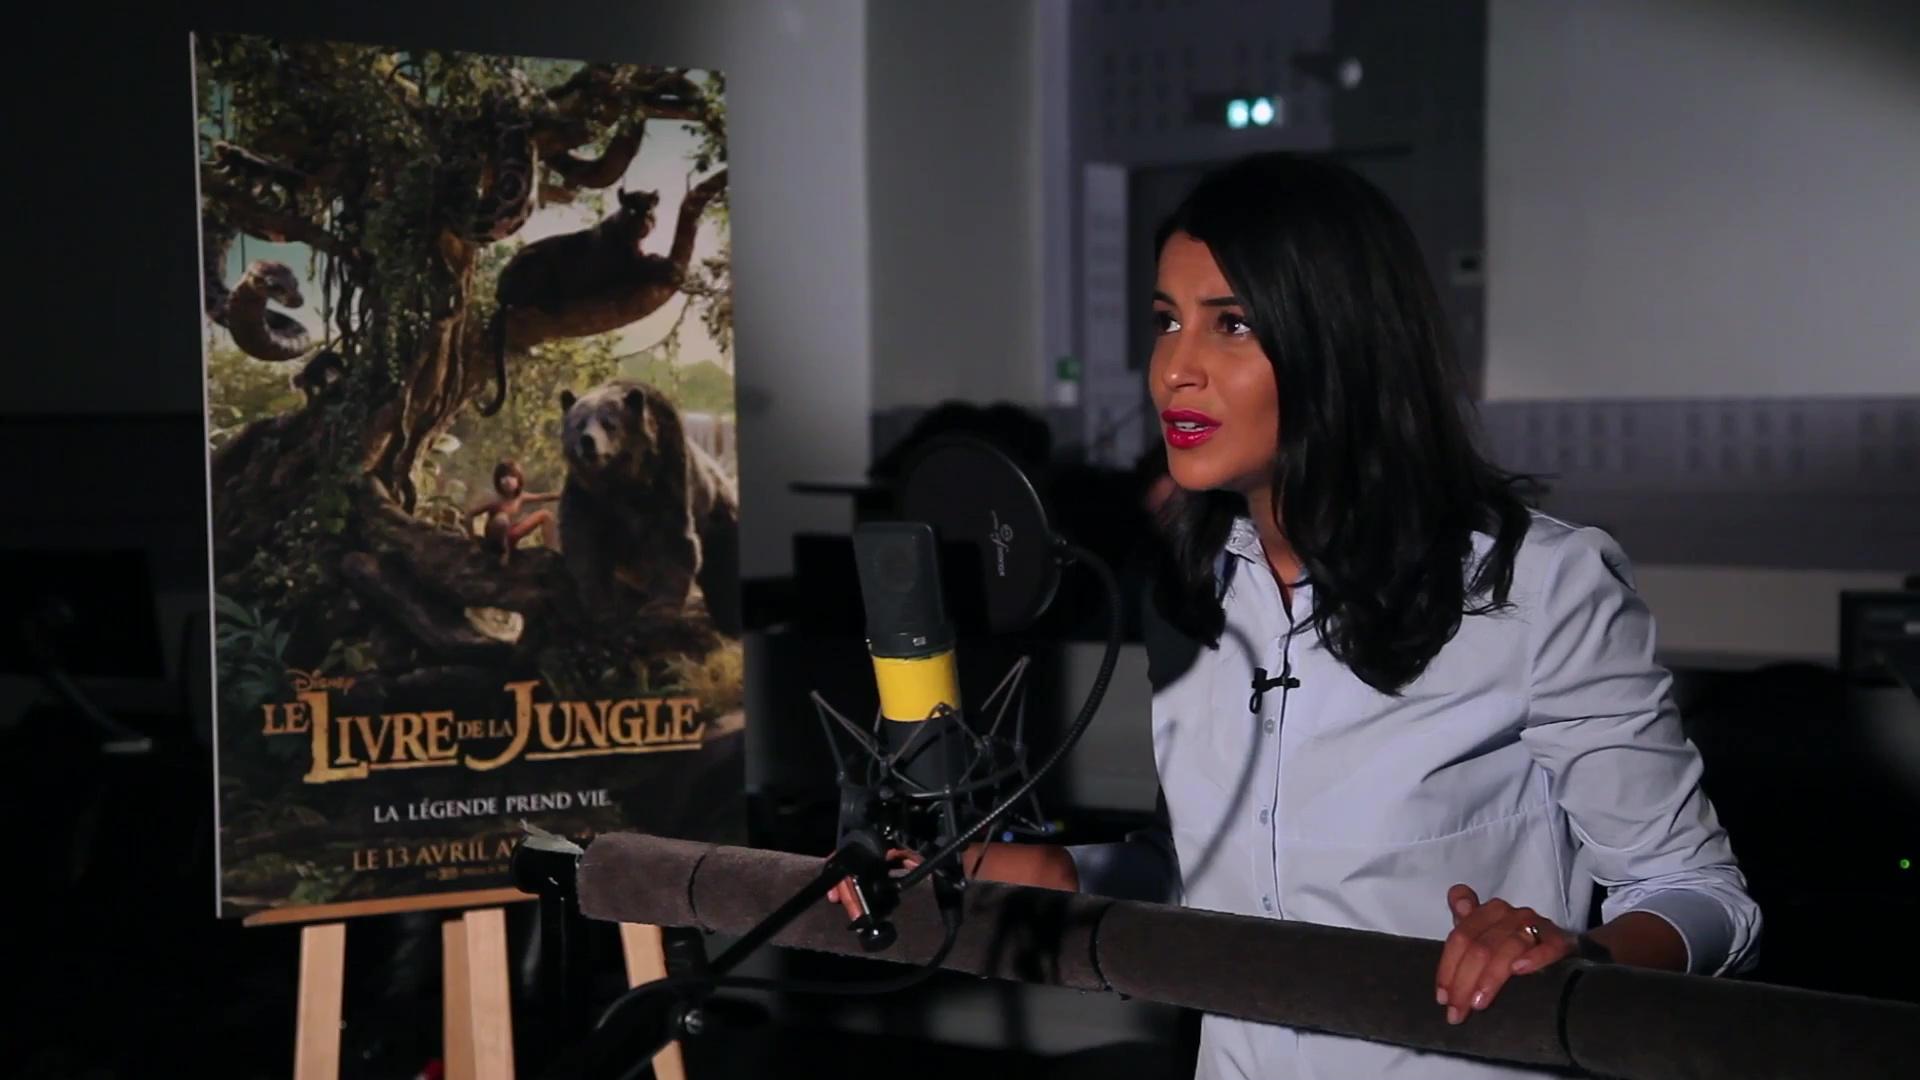 actu disney coulisse doublage français livre de la jungle